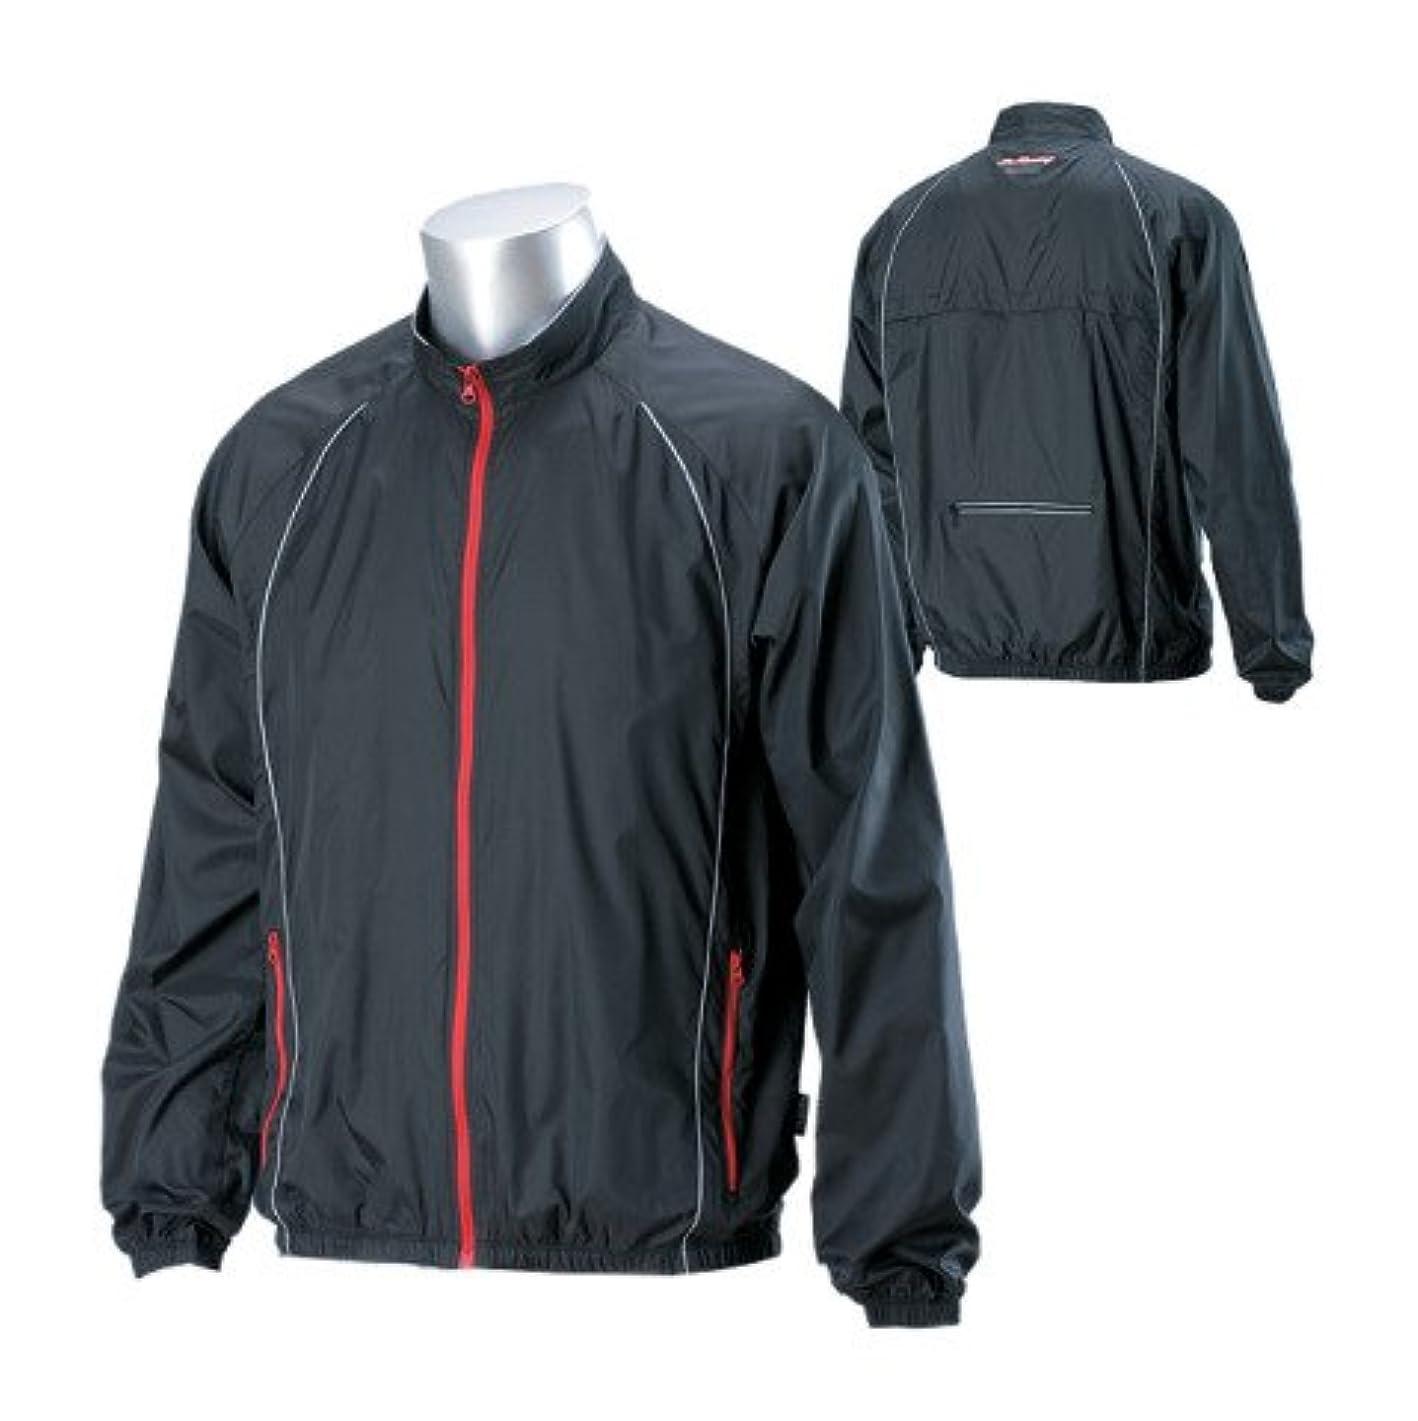 スナップ腐食する偽装するナンカイ(NANKAI) SDW-439 ウインドプルーフジャケット 防風ジャケット ブラック LL W43911LL